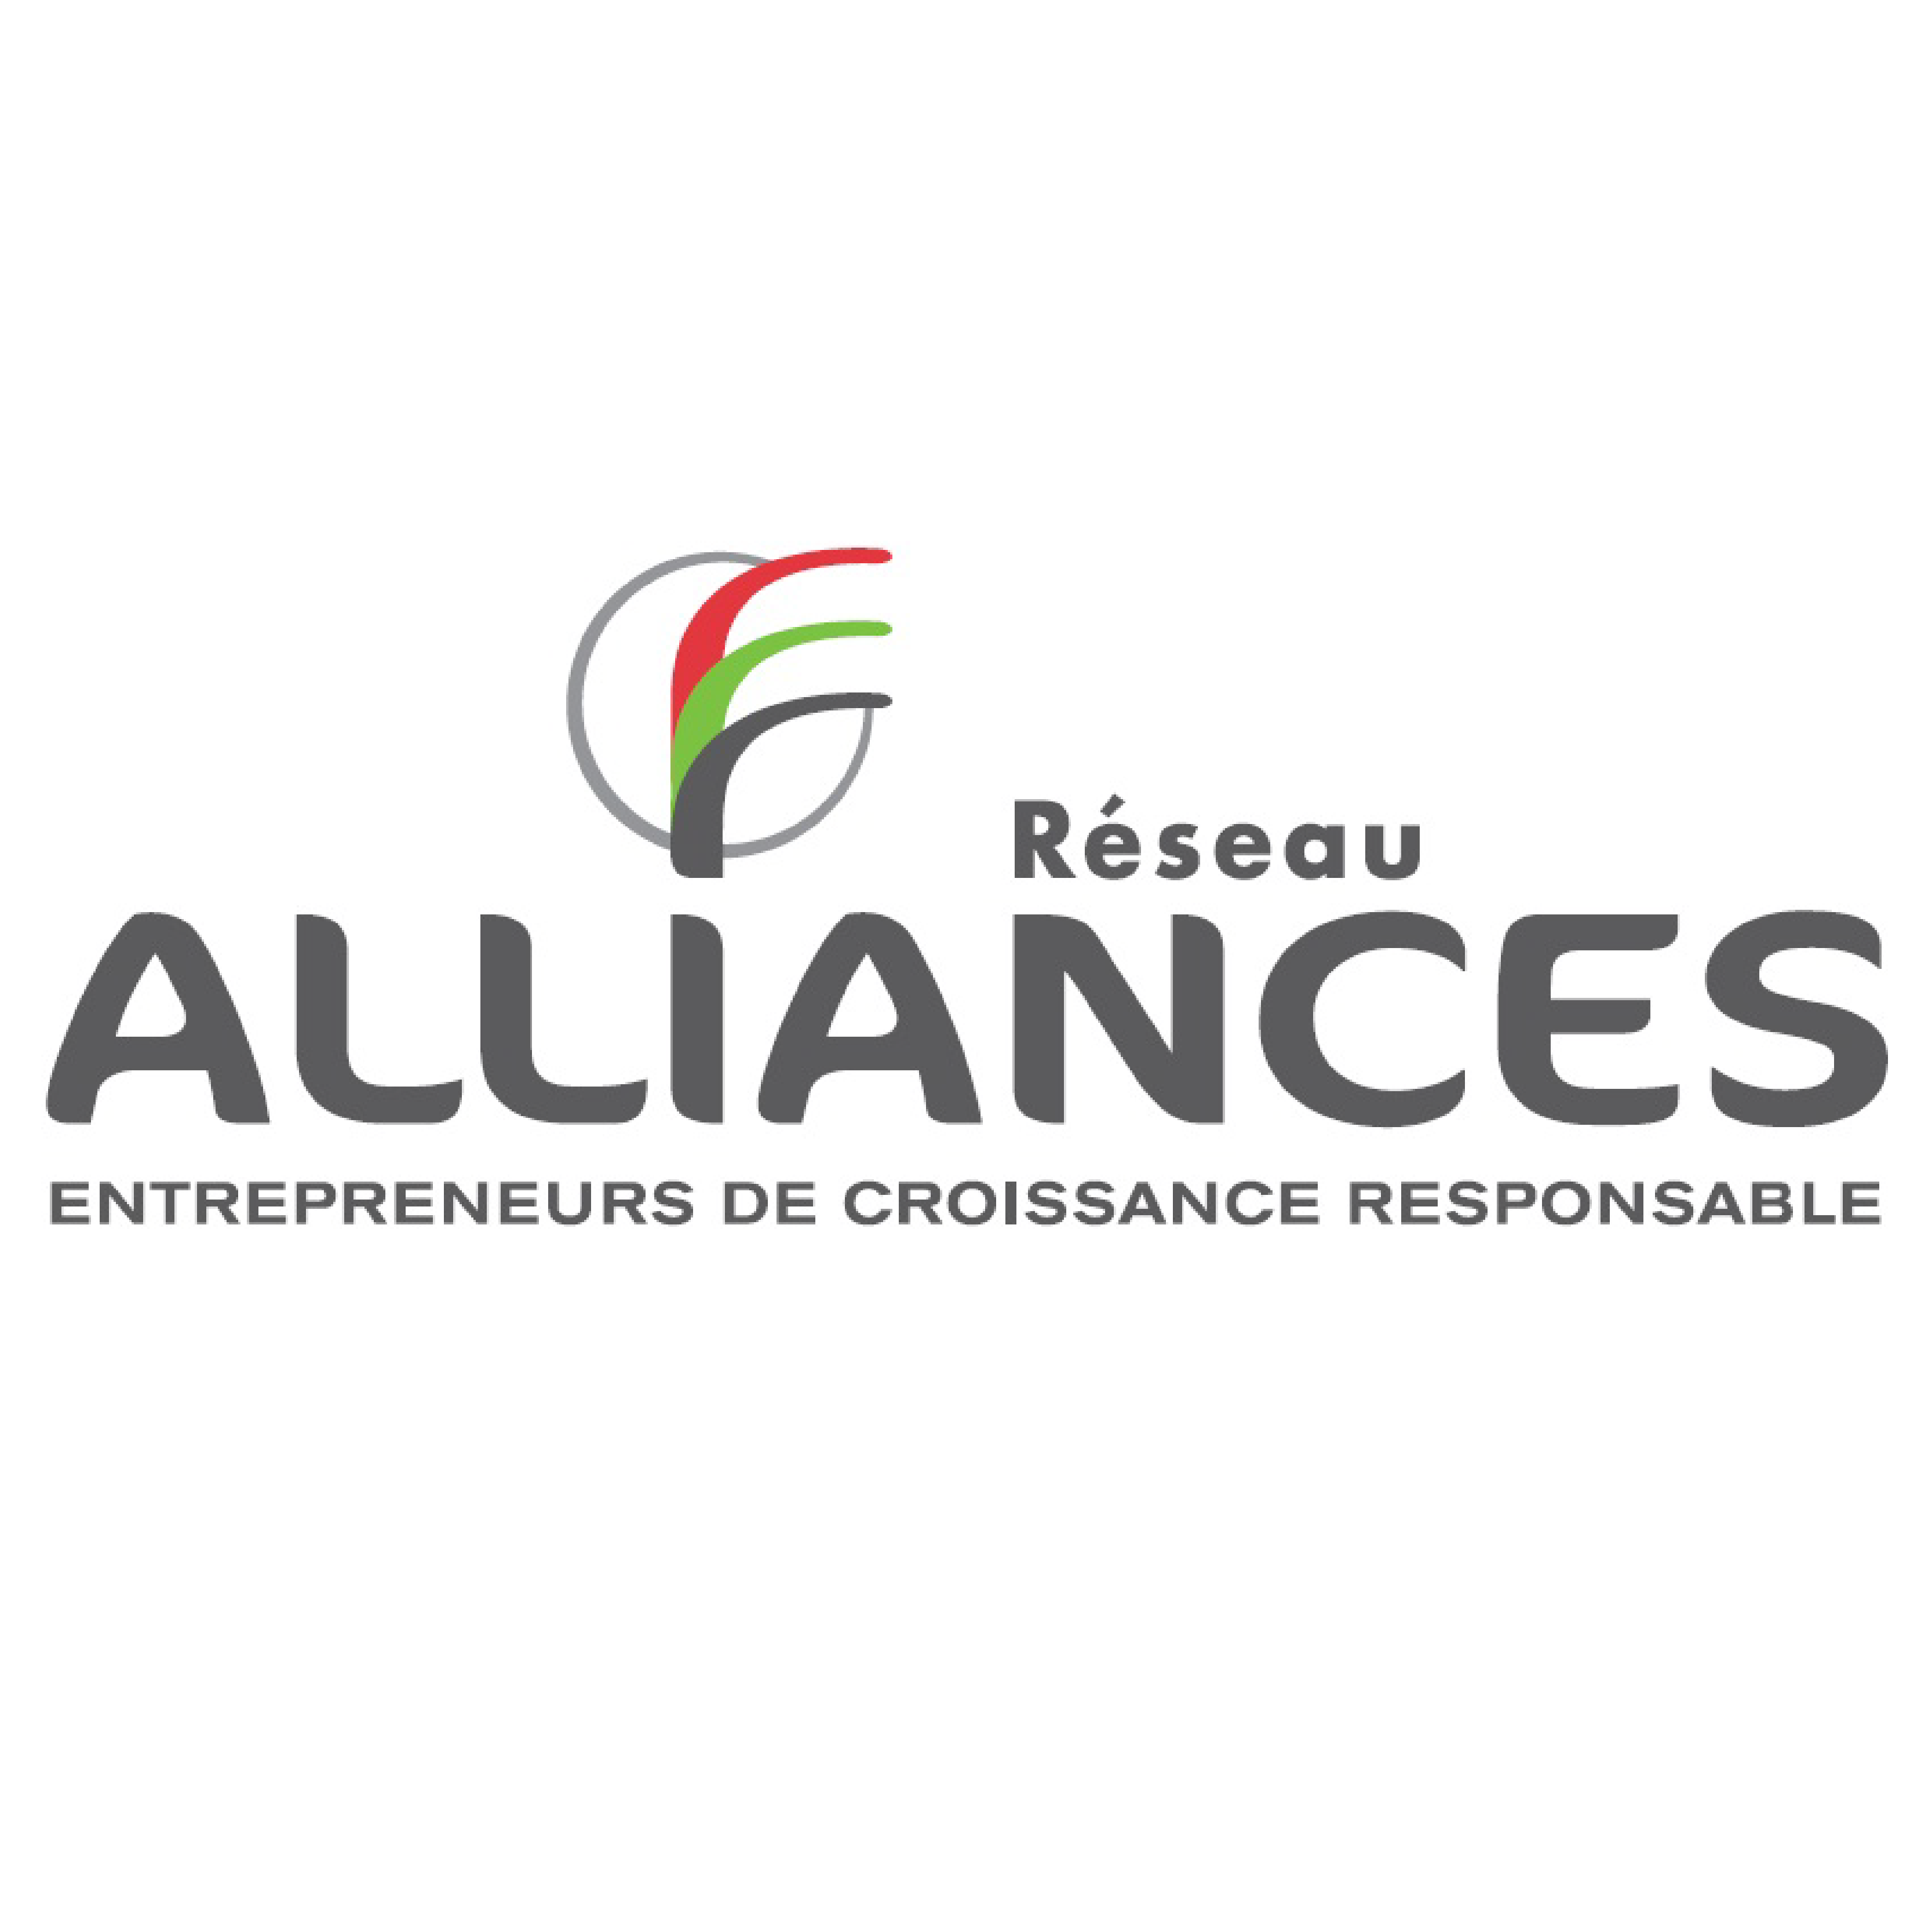 alliance réseau_Plan de travail 1